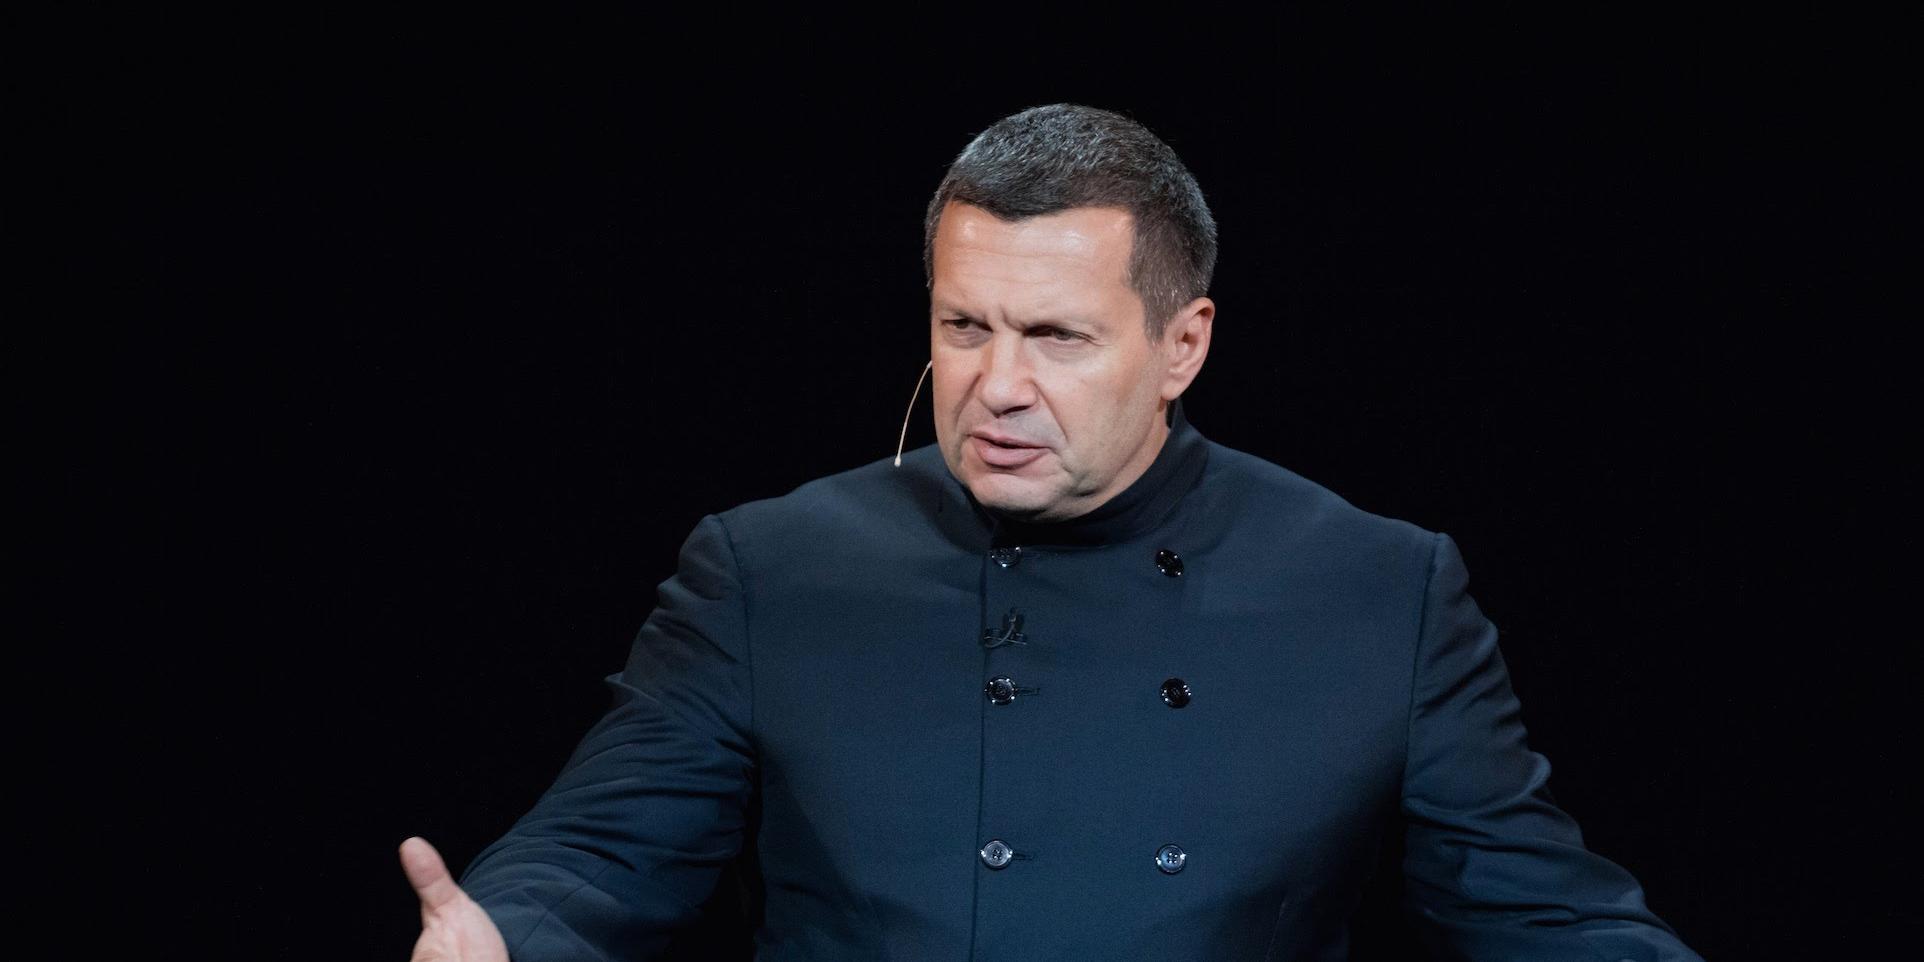 Соловьев раскритиковал украинского мэра за осквернение памяти героя СССР